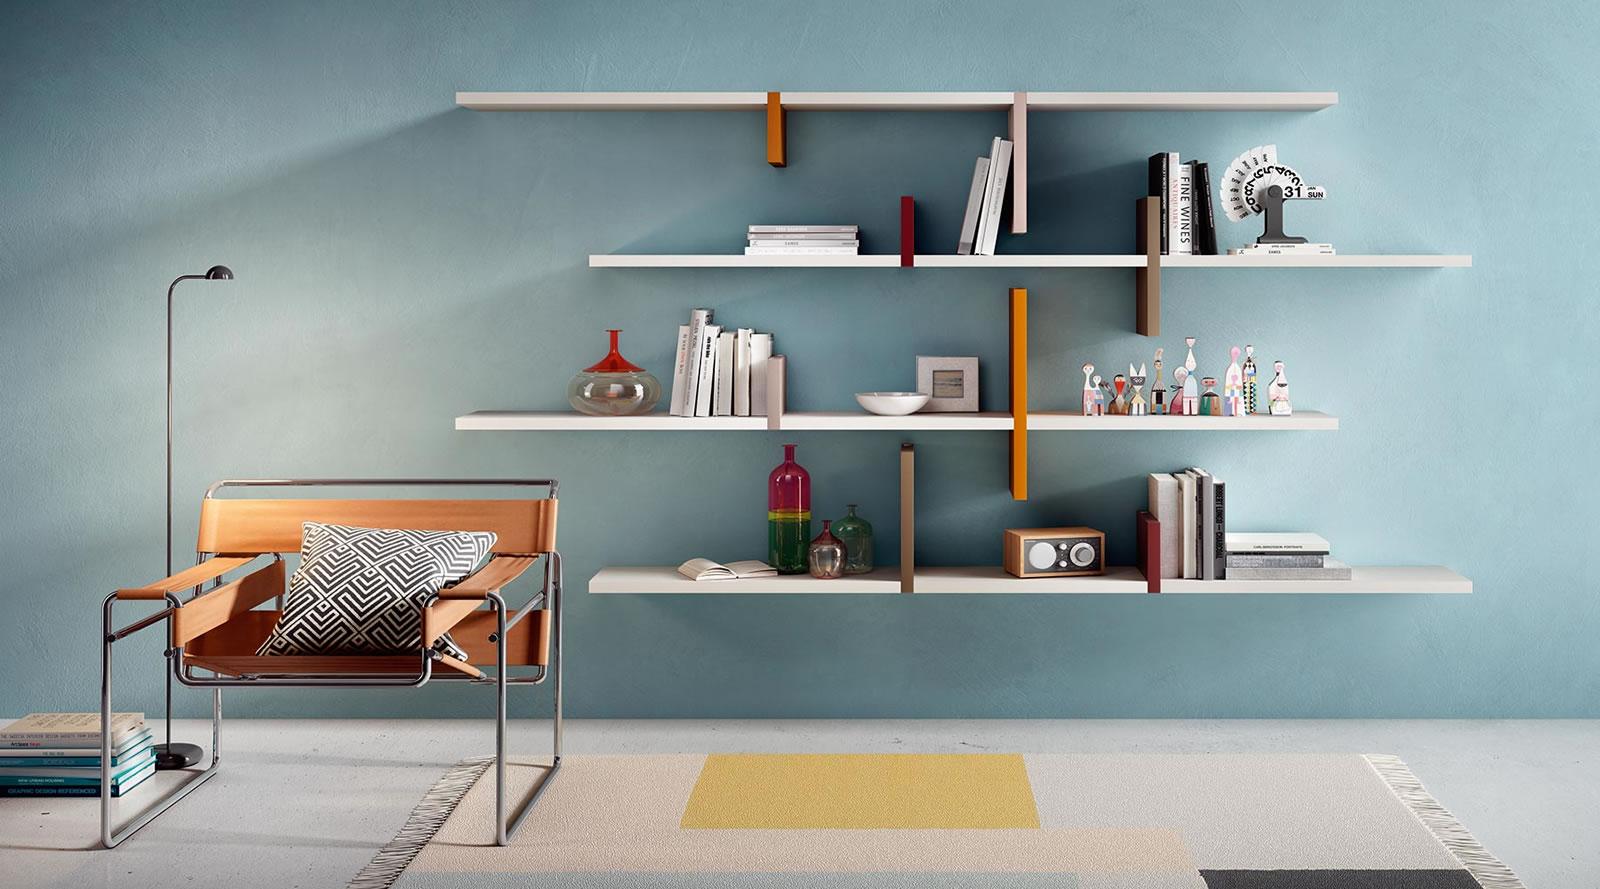 design_libreria-lago-linea-soggiorno - Piroddi Arredamenti dal 1893